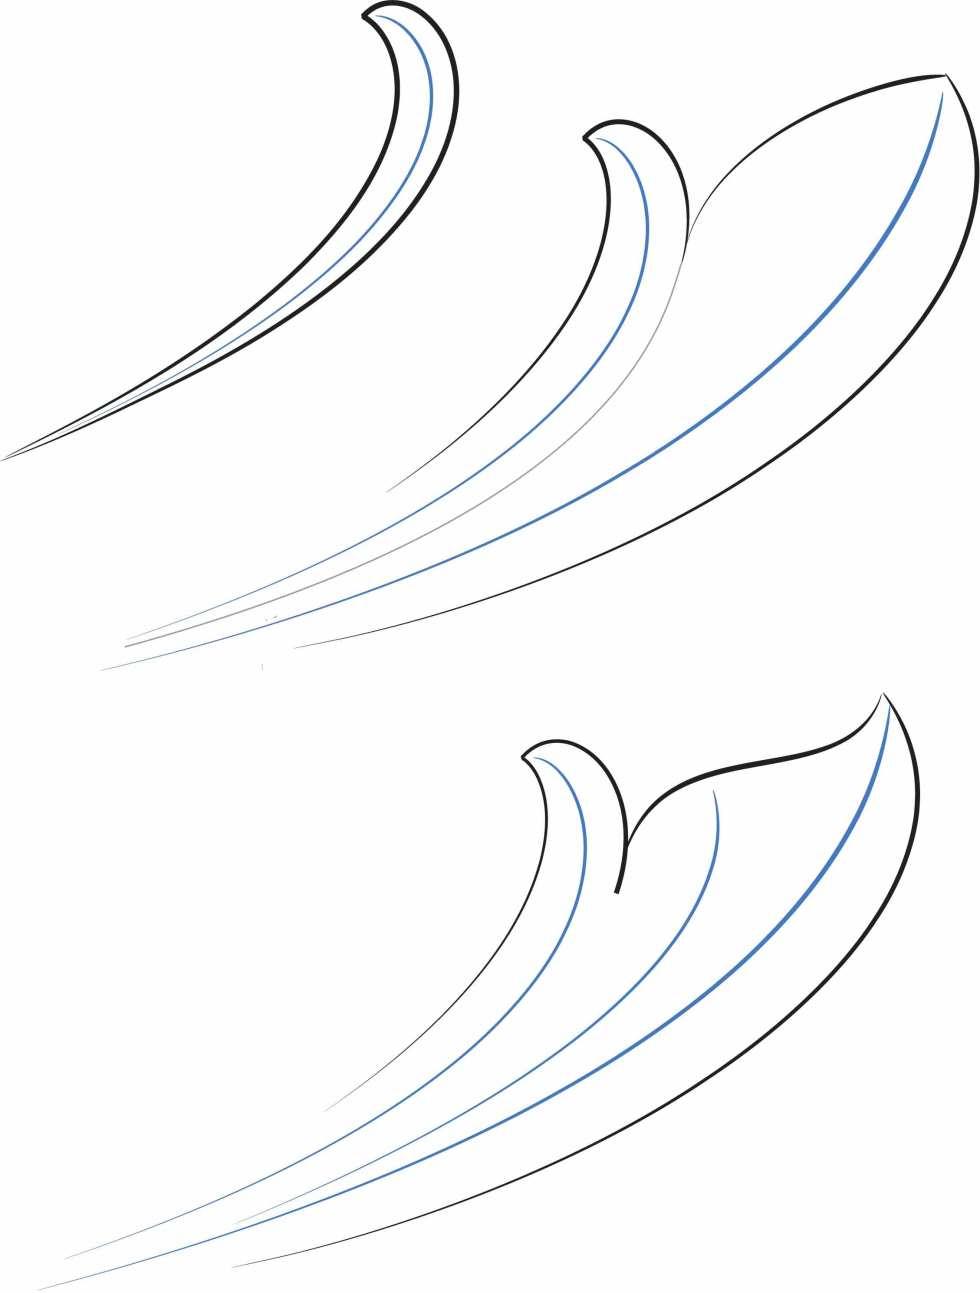 Skeletal-Leaf-development-pg-1